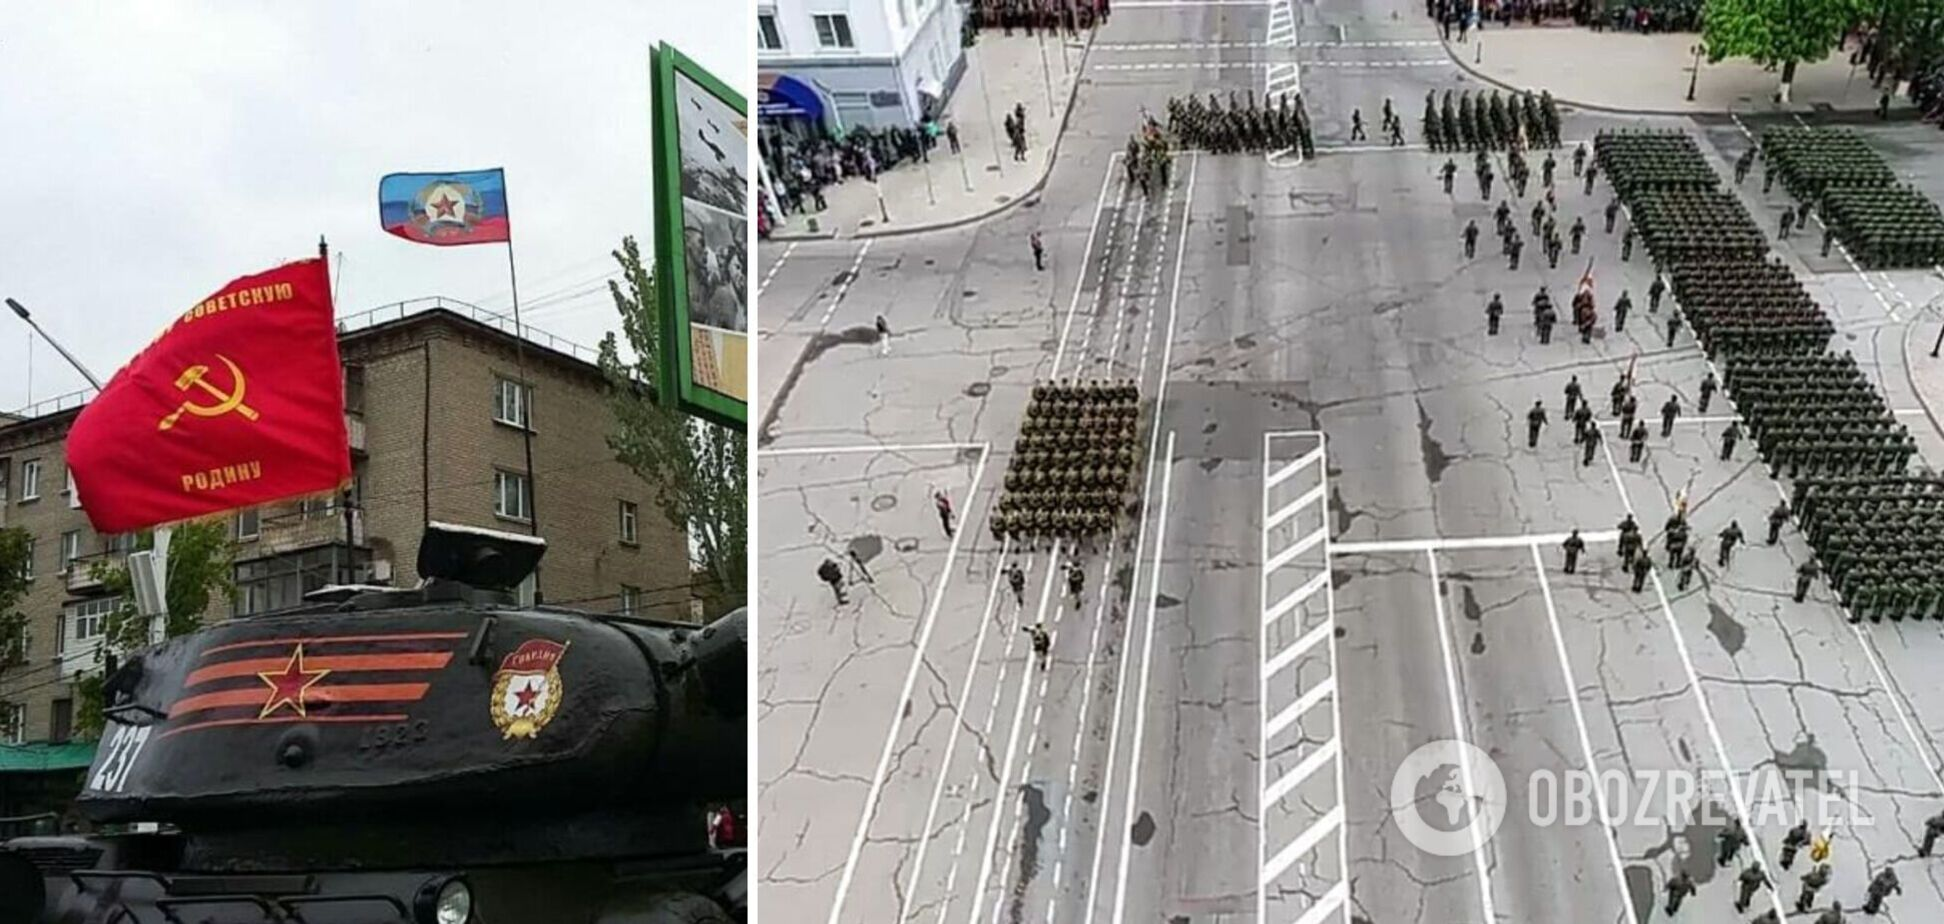 В Луганске оккупанты устроили 'военный парад' по разбитым дорогам. Фото